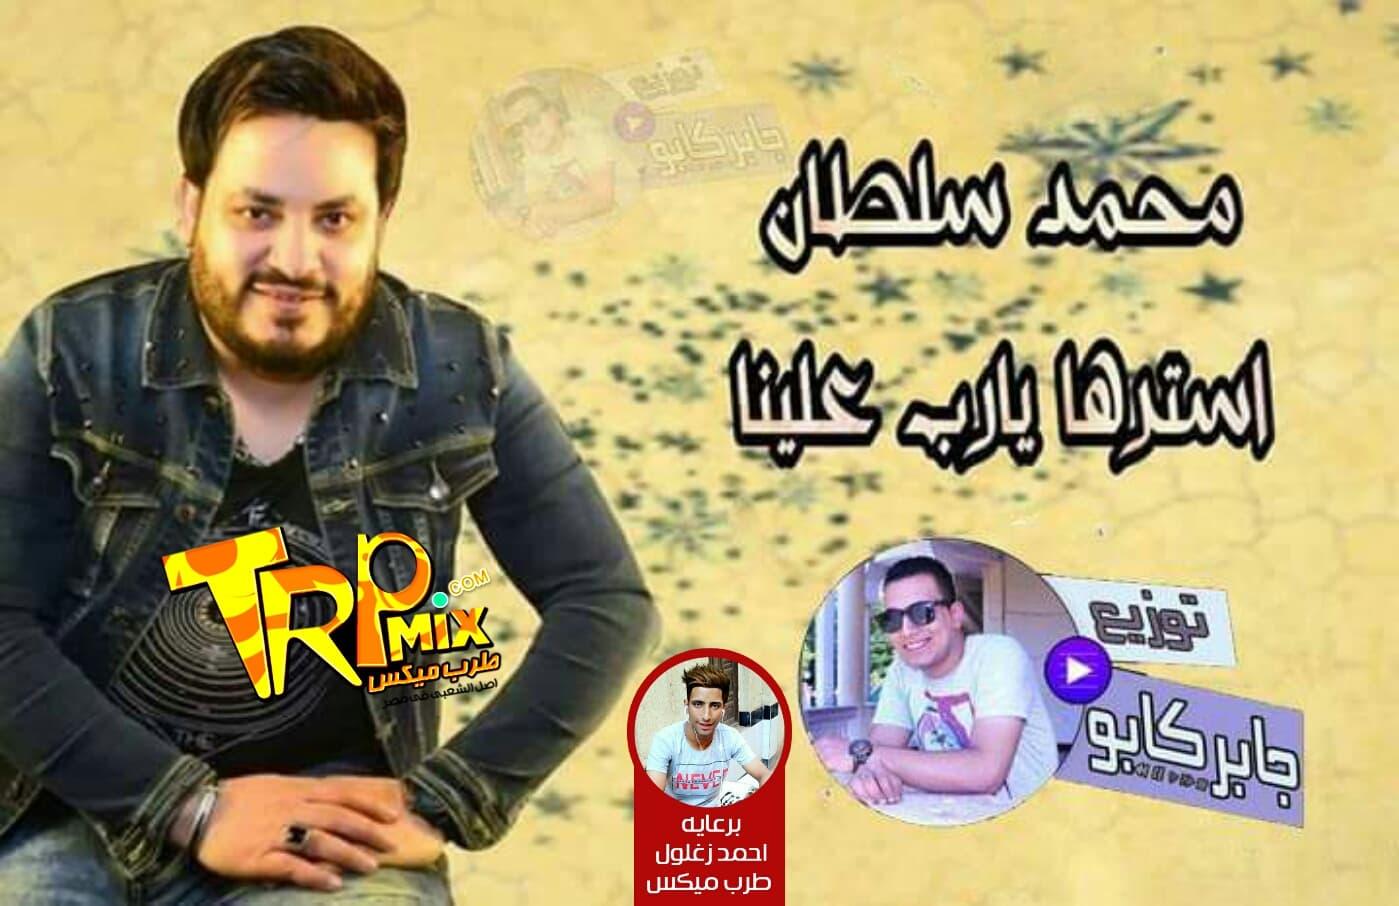 اغنية محمد سلطان استرها علينا يارب توزيع درمز العالمي جابر كابو 2019